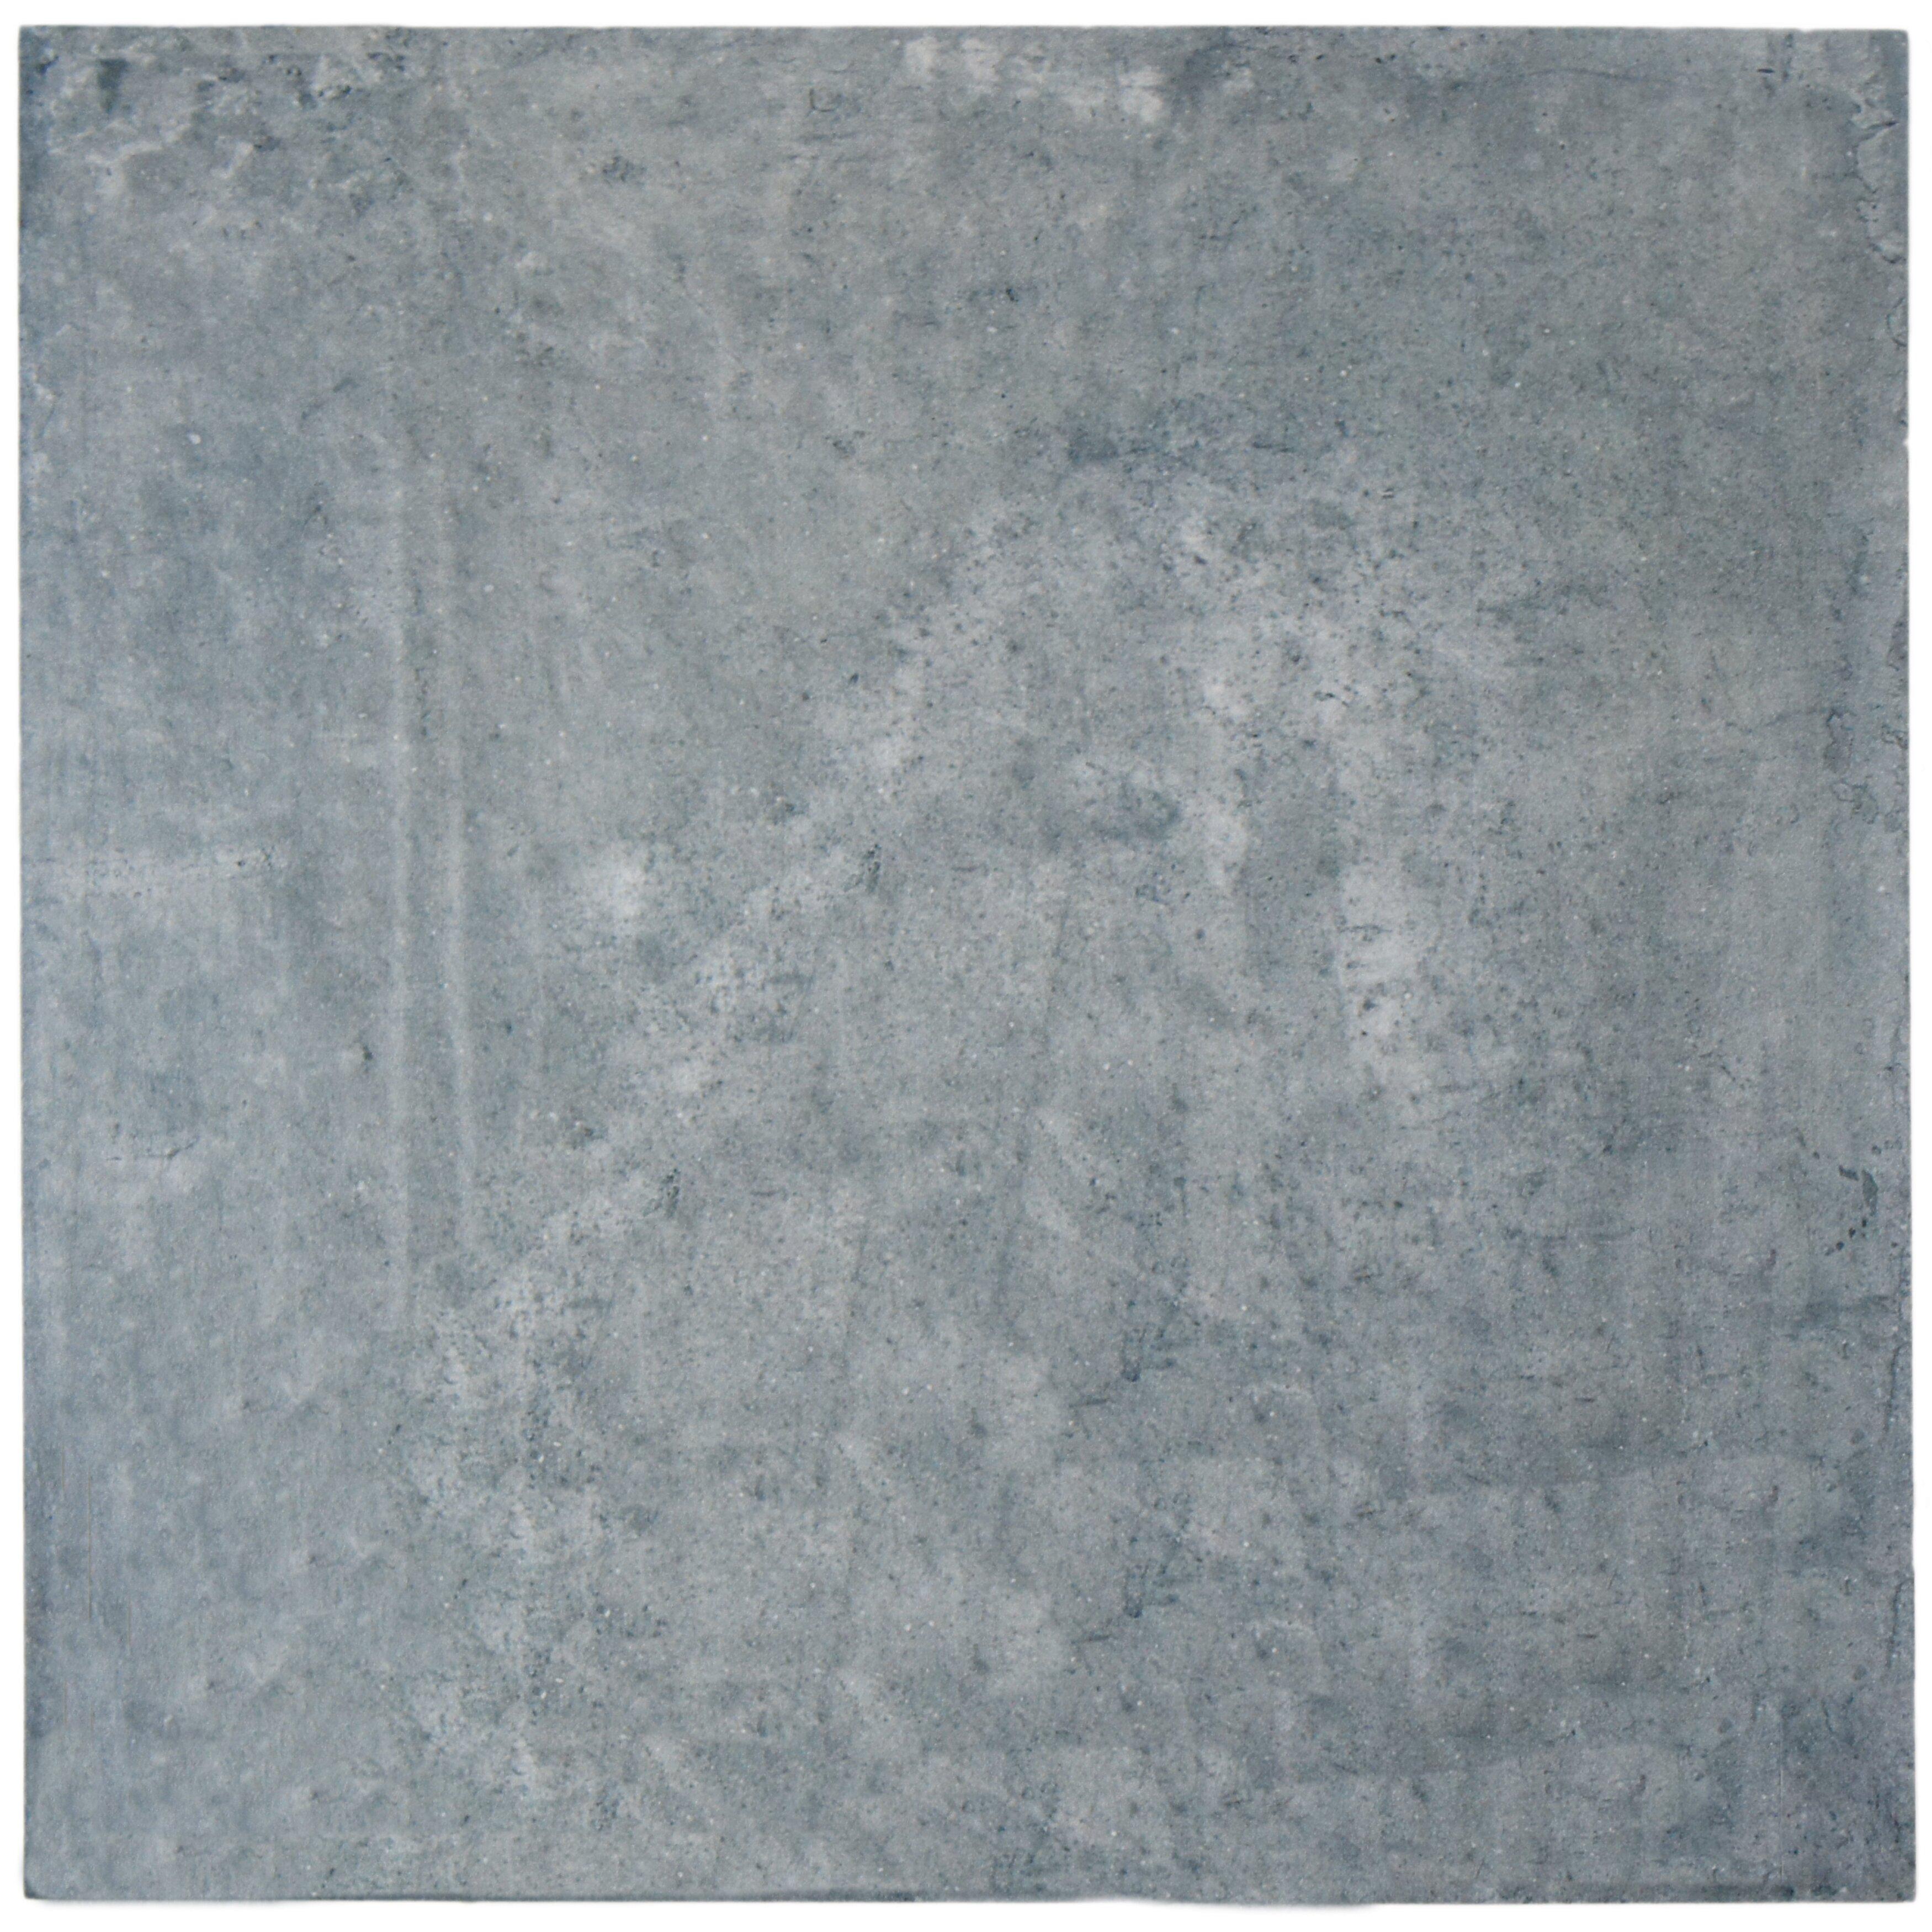 Elitetile rustilo 13 x 13 porcelain field tile in gray for 13 inch ceramic floor tile